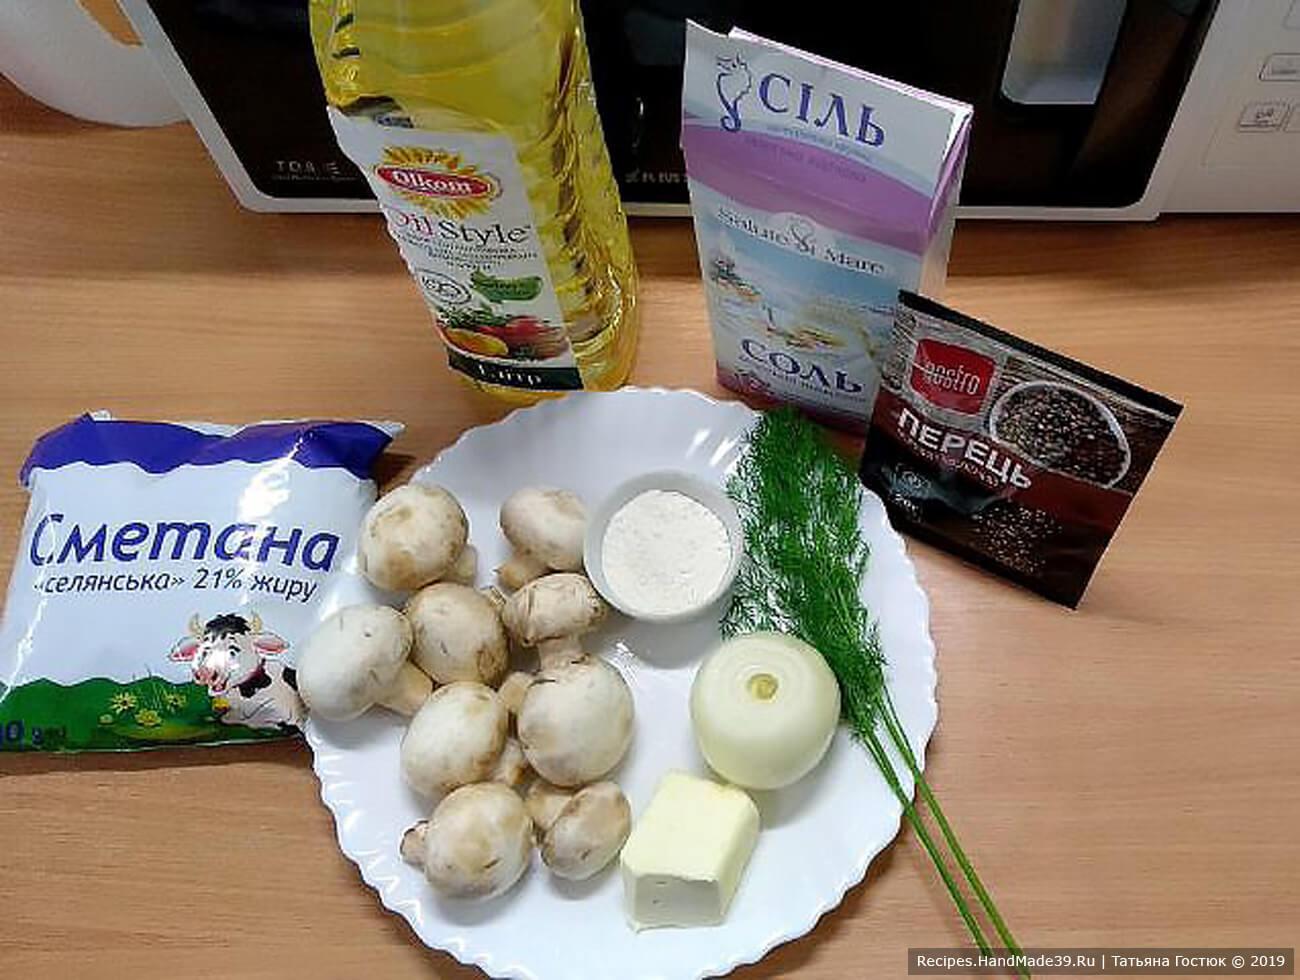 Для приготовления грибного соуса на сметане подготавливаем ингредиенты